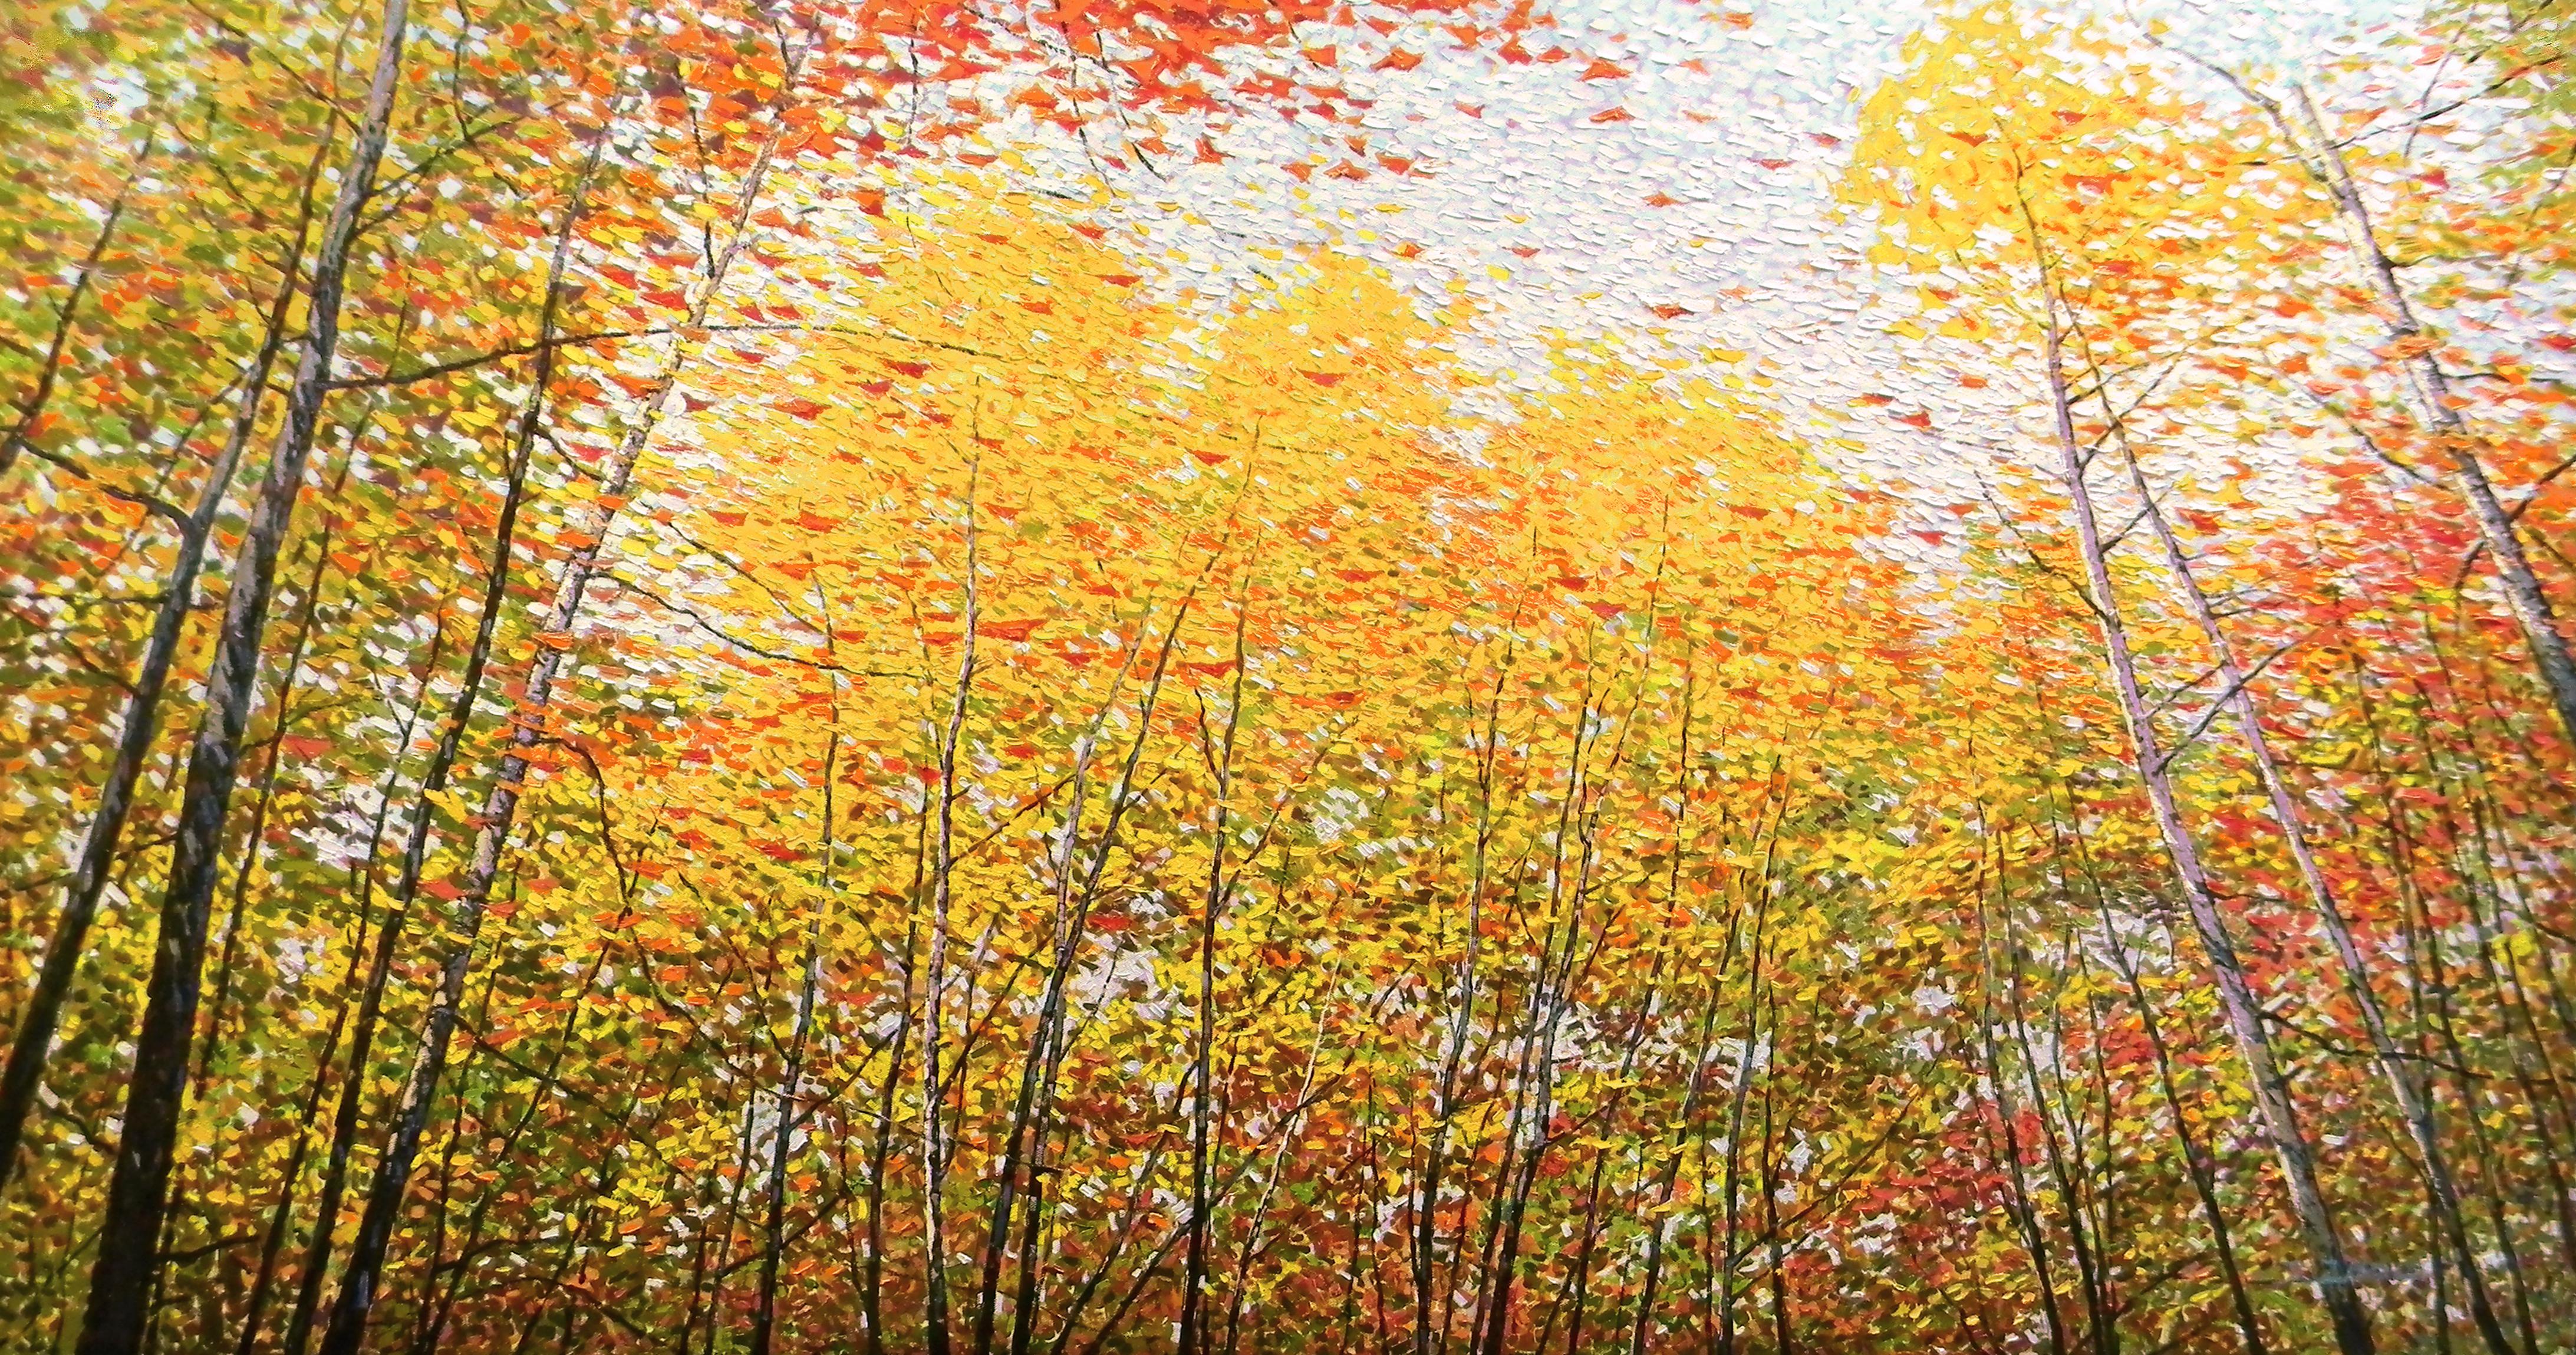 Drifting Leaves II